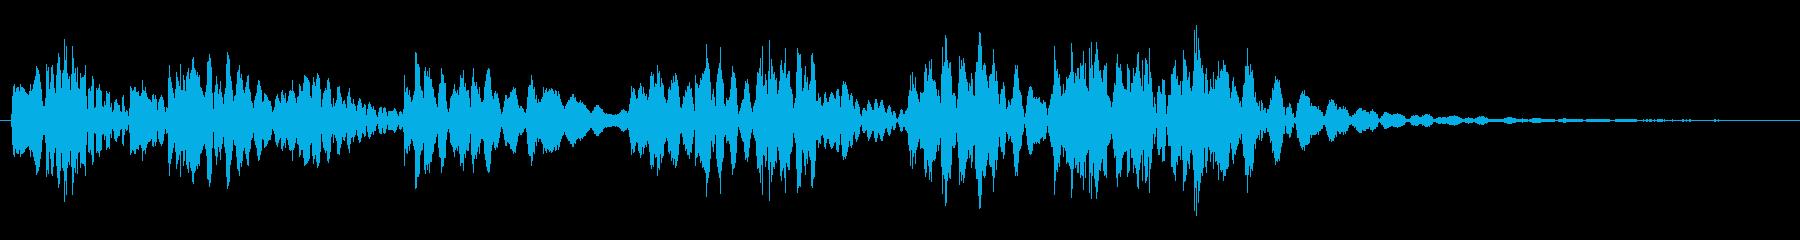 ティロリロリッロリリッロリ(場面転換)の再生済みの波形